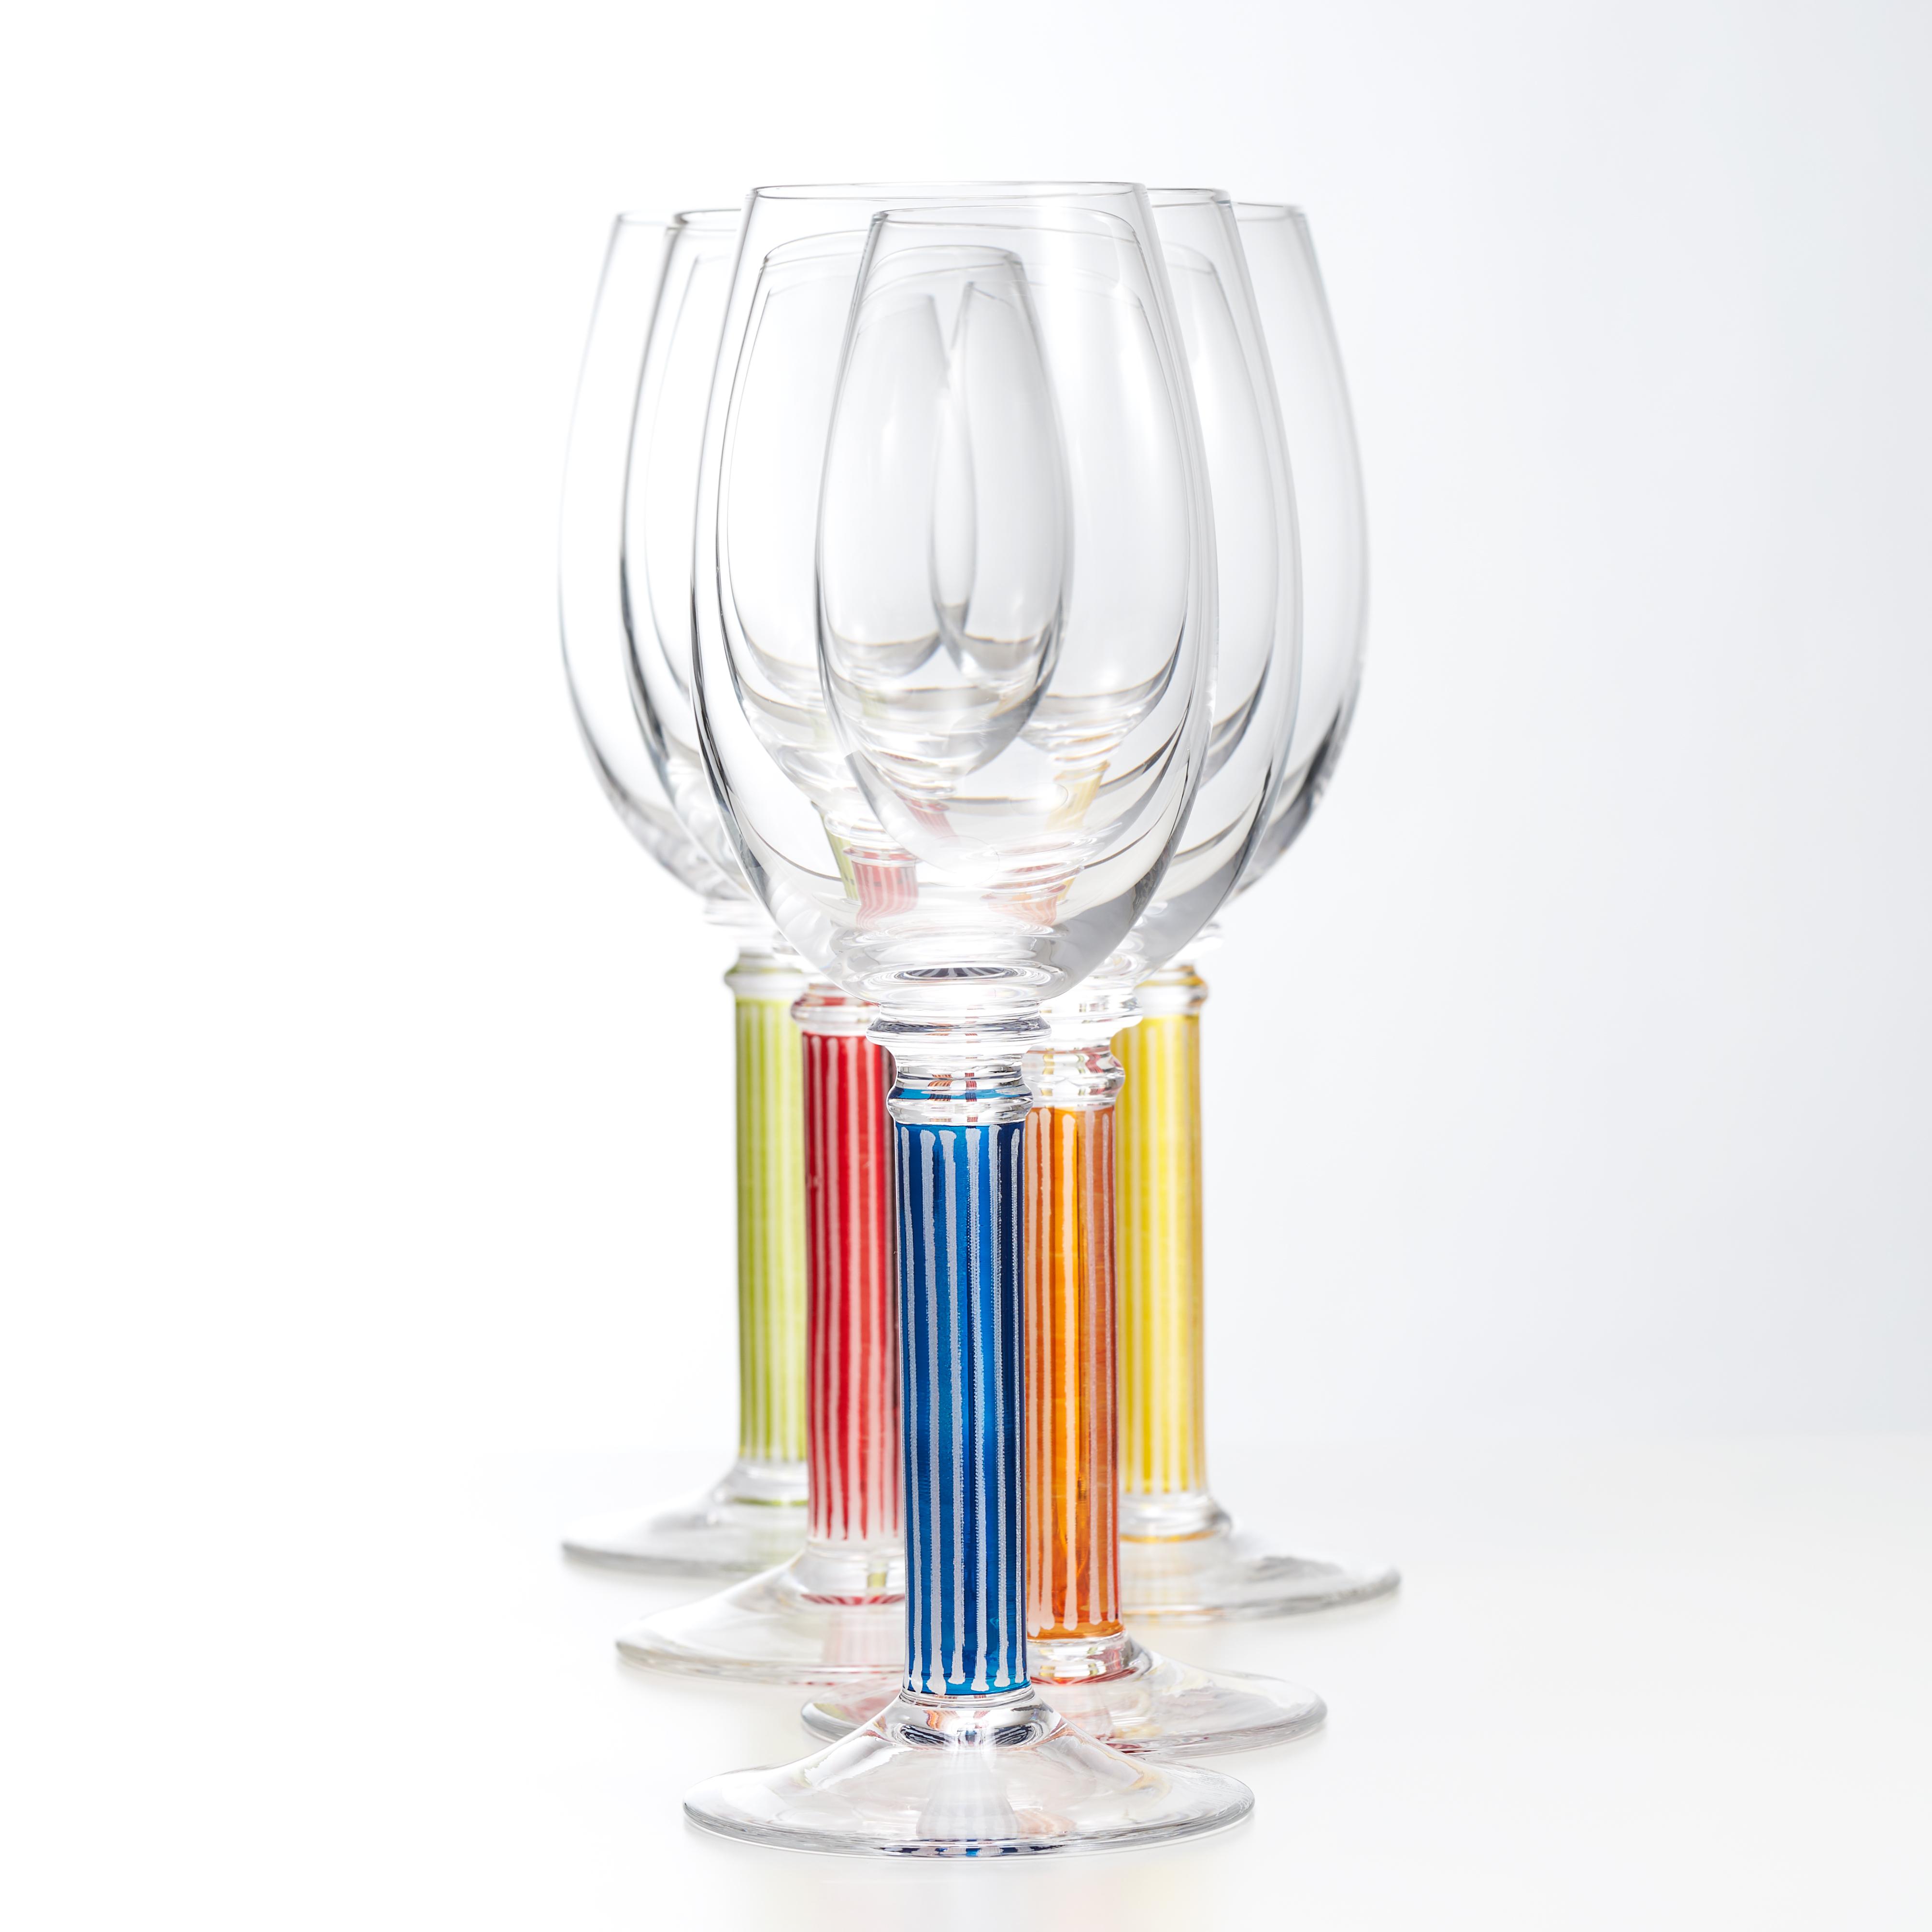 Glassware photography